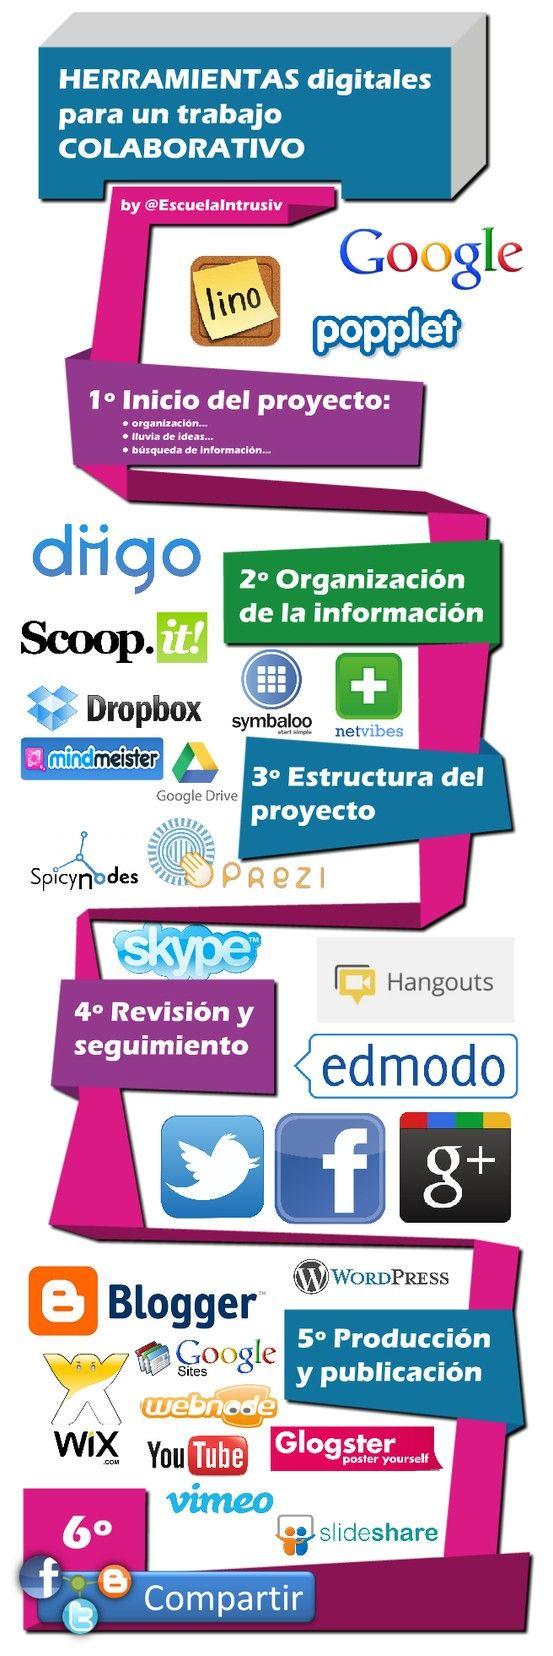 Herramientas digitales para un trabajo colaborativo #infographic